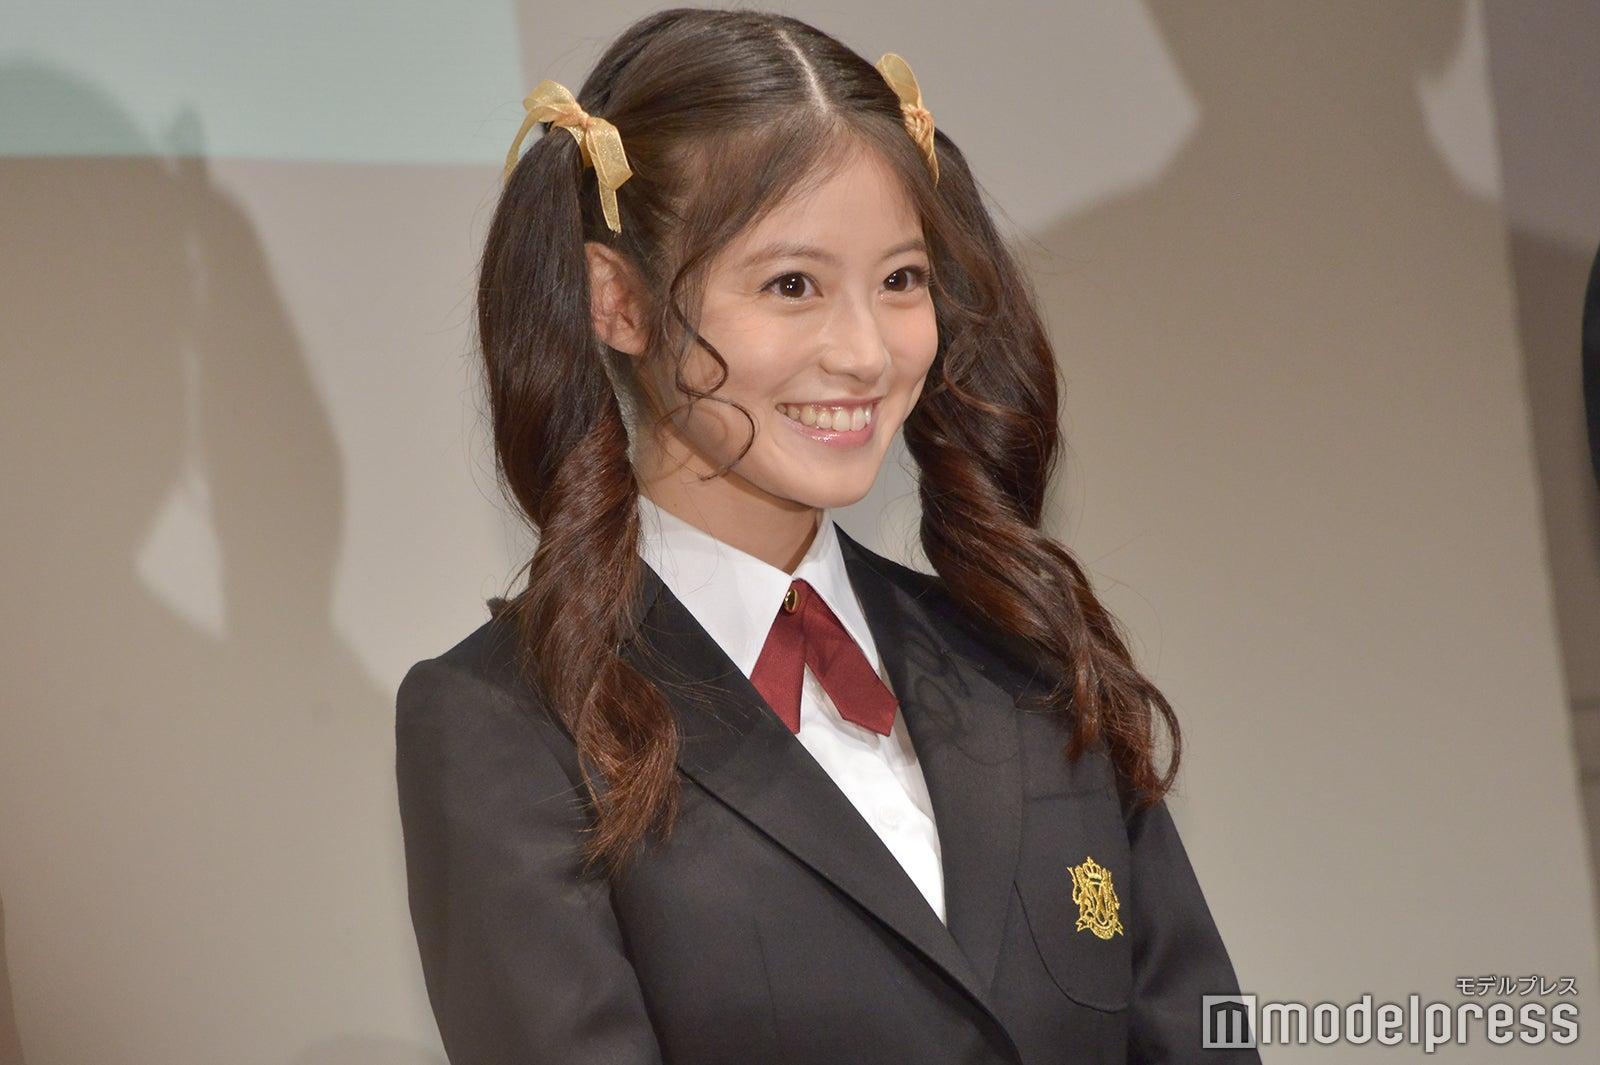 福岡一の美少女\u201d今田美桜「花のち晴れ」でドSに目覚める